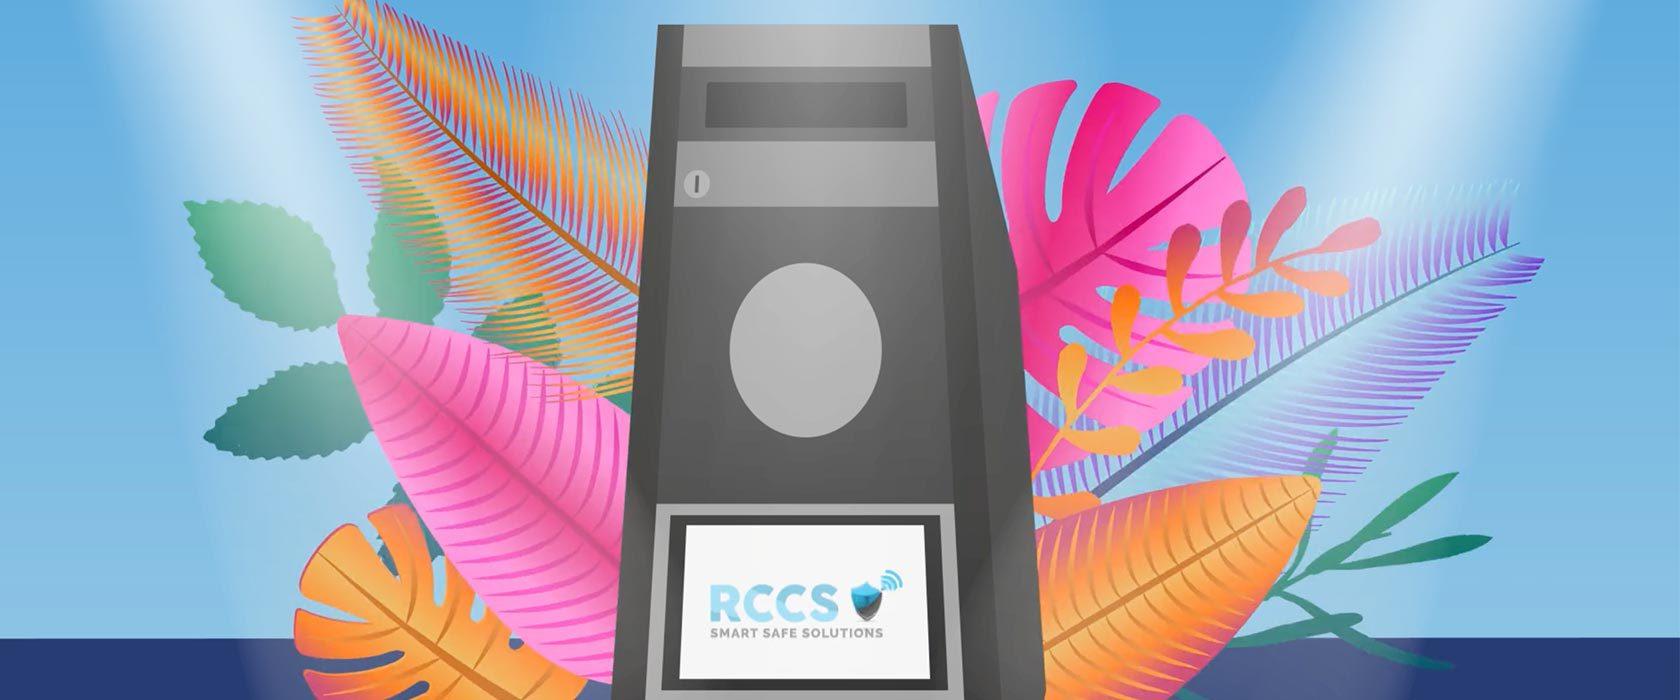 rccs03